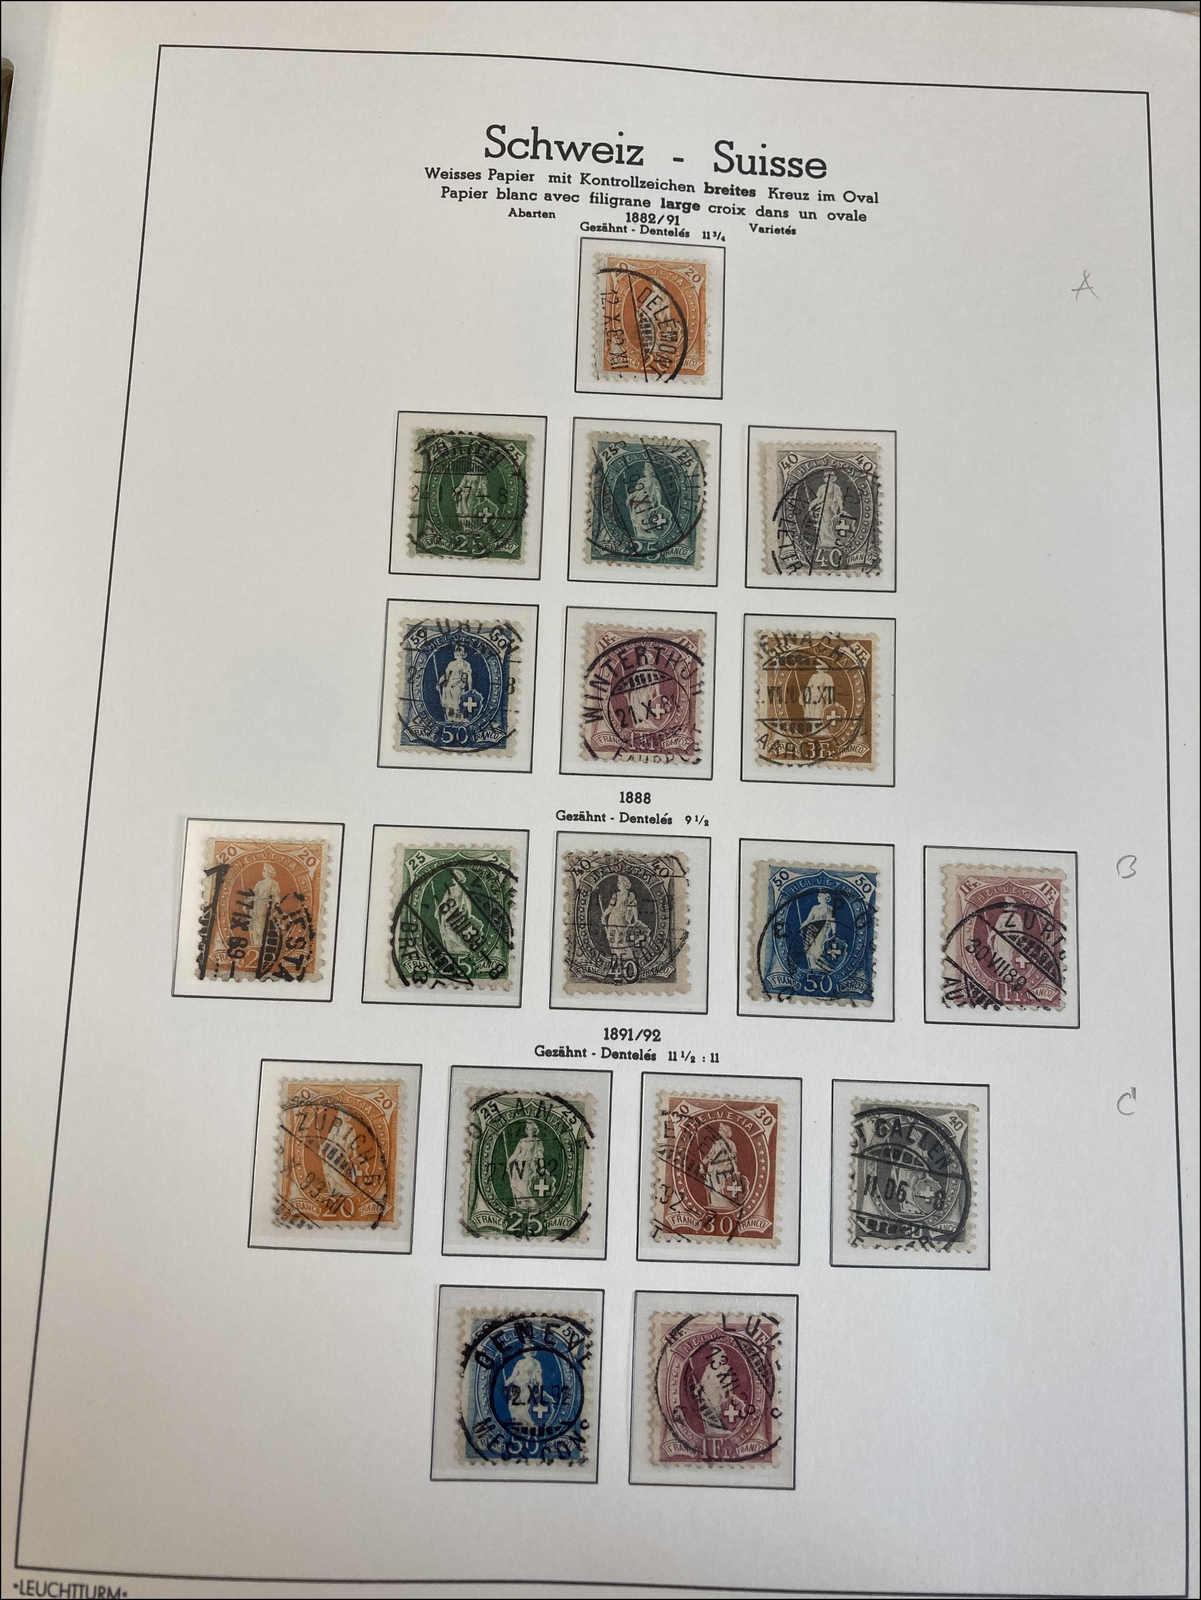 Lot 127 - schweiz schweiz -  Rolli Auctions Auction #68 Day 1